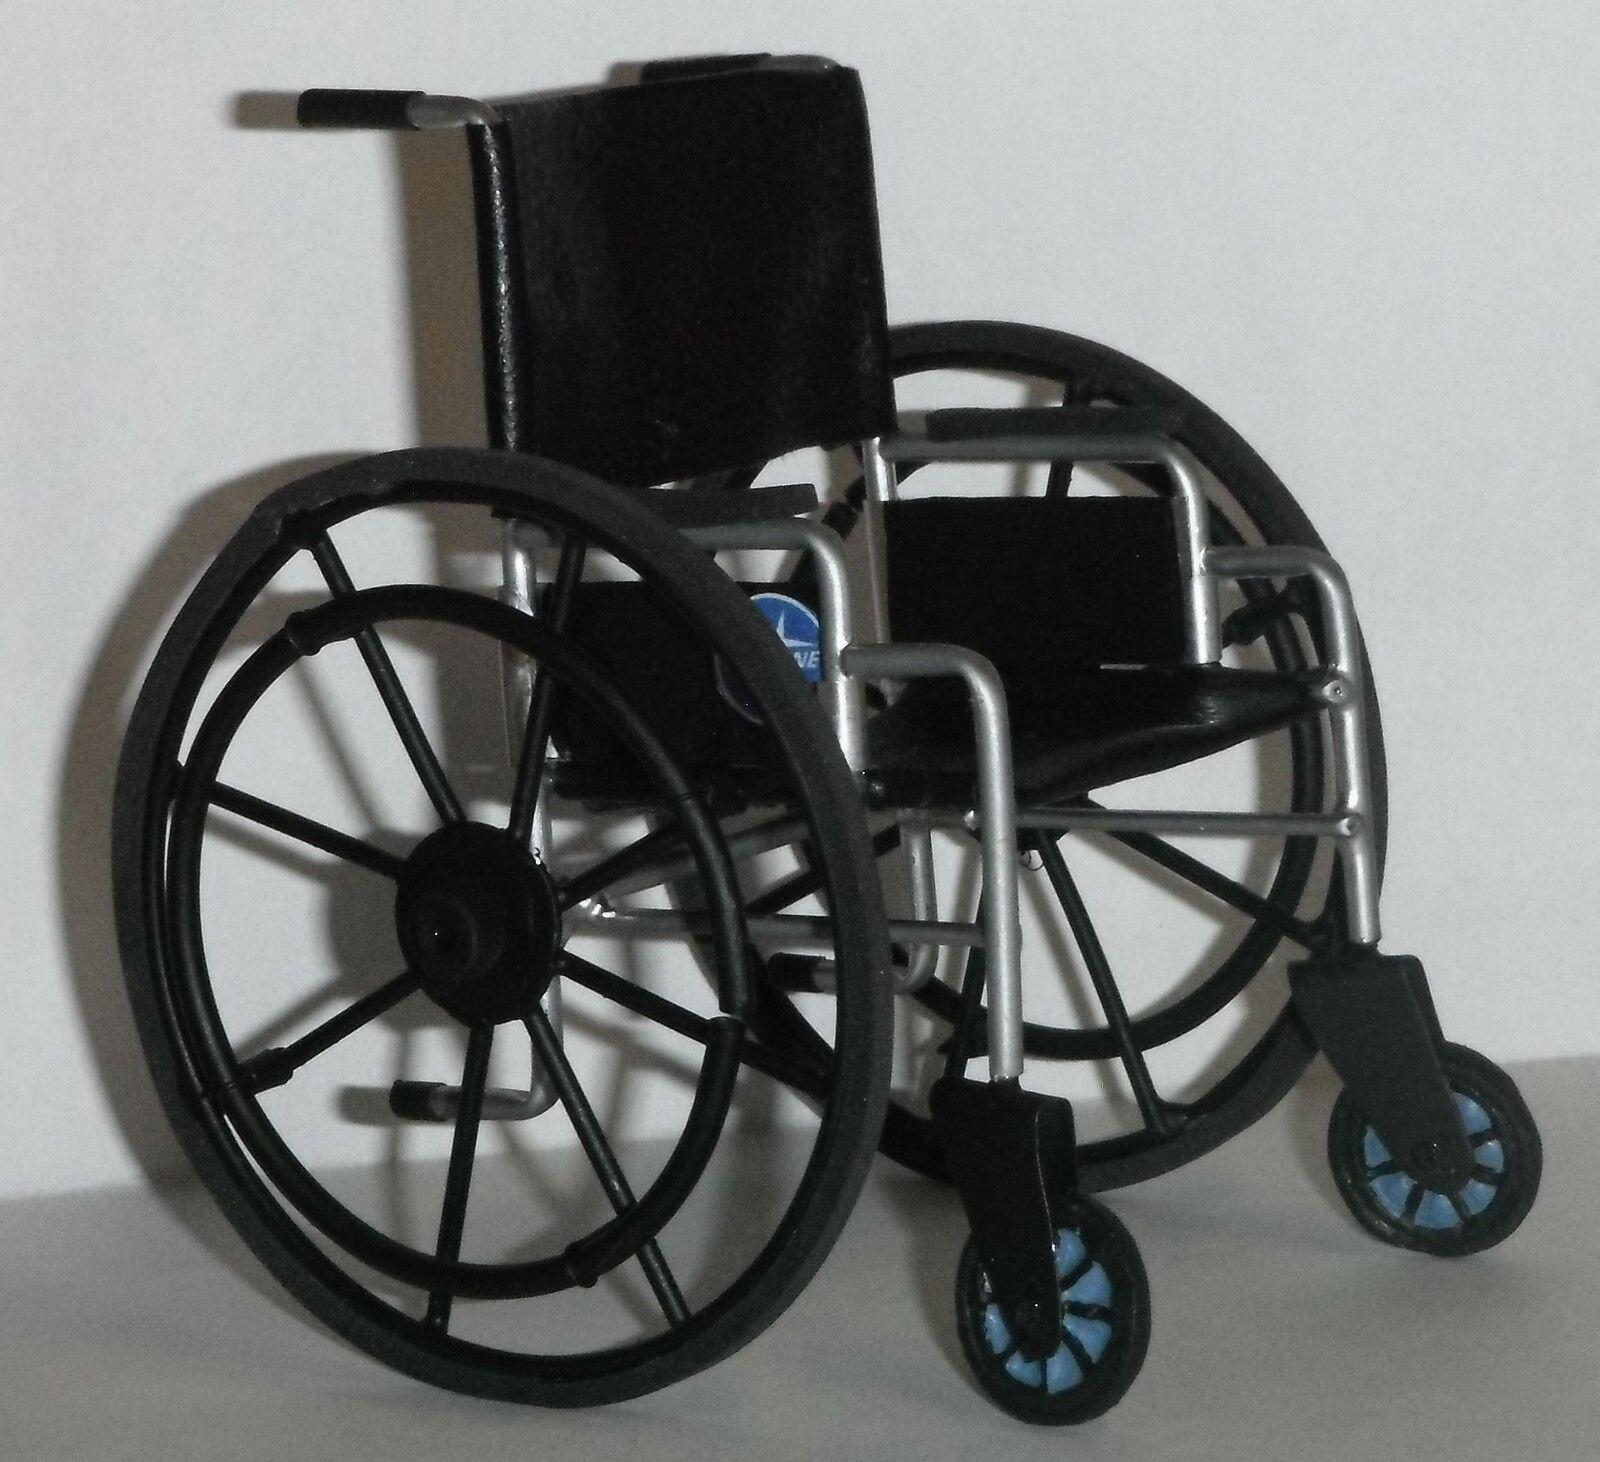 tienda de pescado para la venta Casa De Muñecas En En En Miniatura Artesanal Medical silla de ruedas Negro 1 12th Escala Moderna  genuina alta calidad